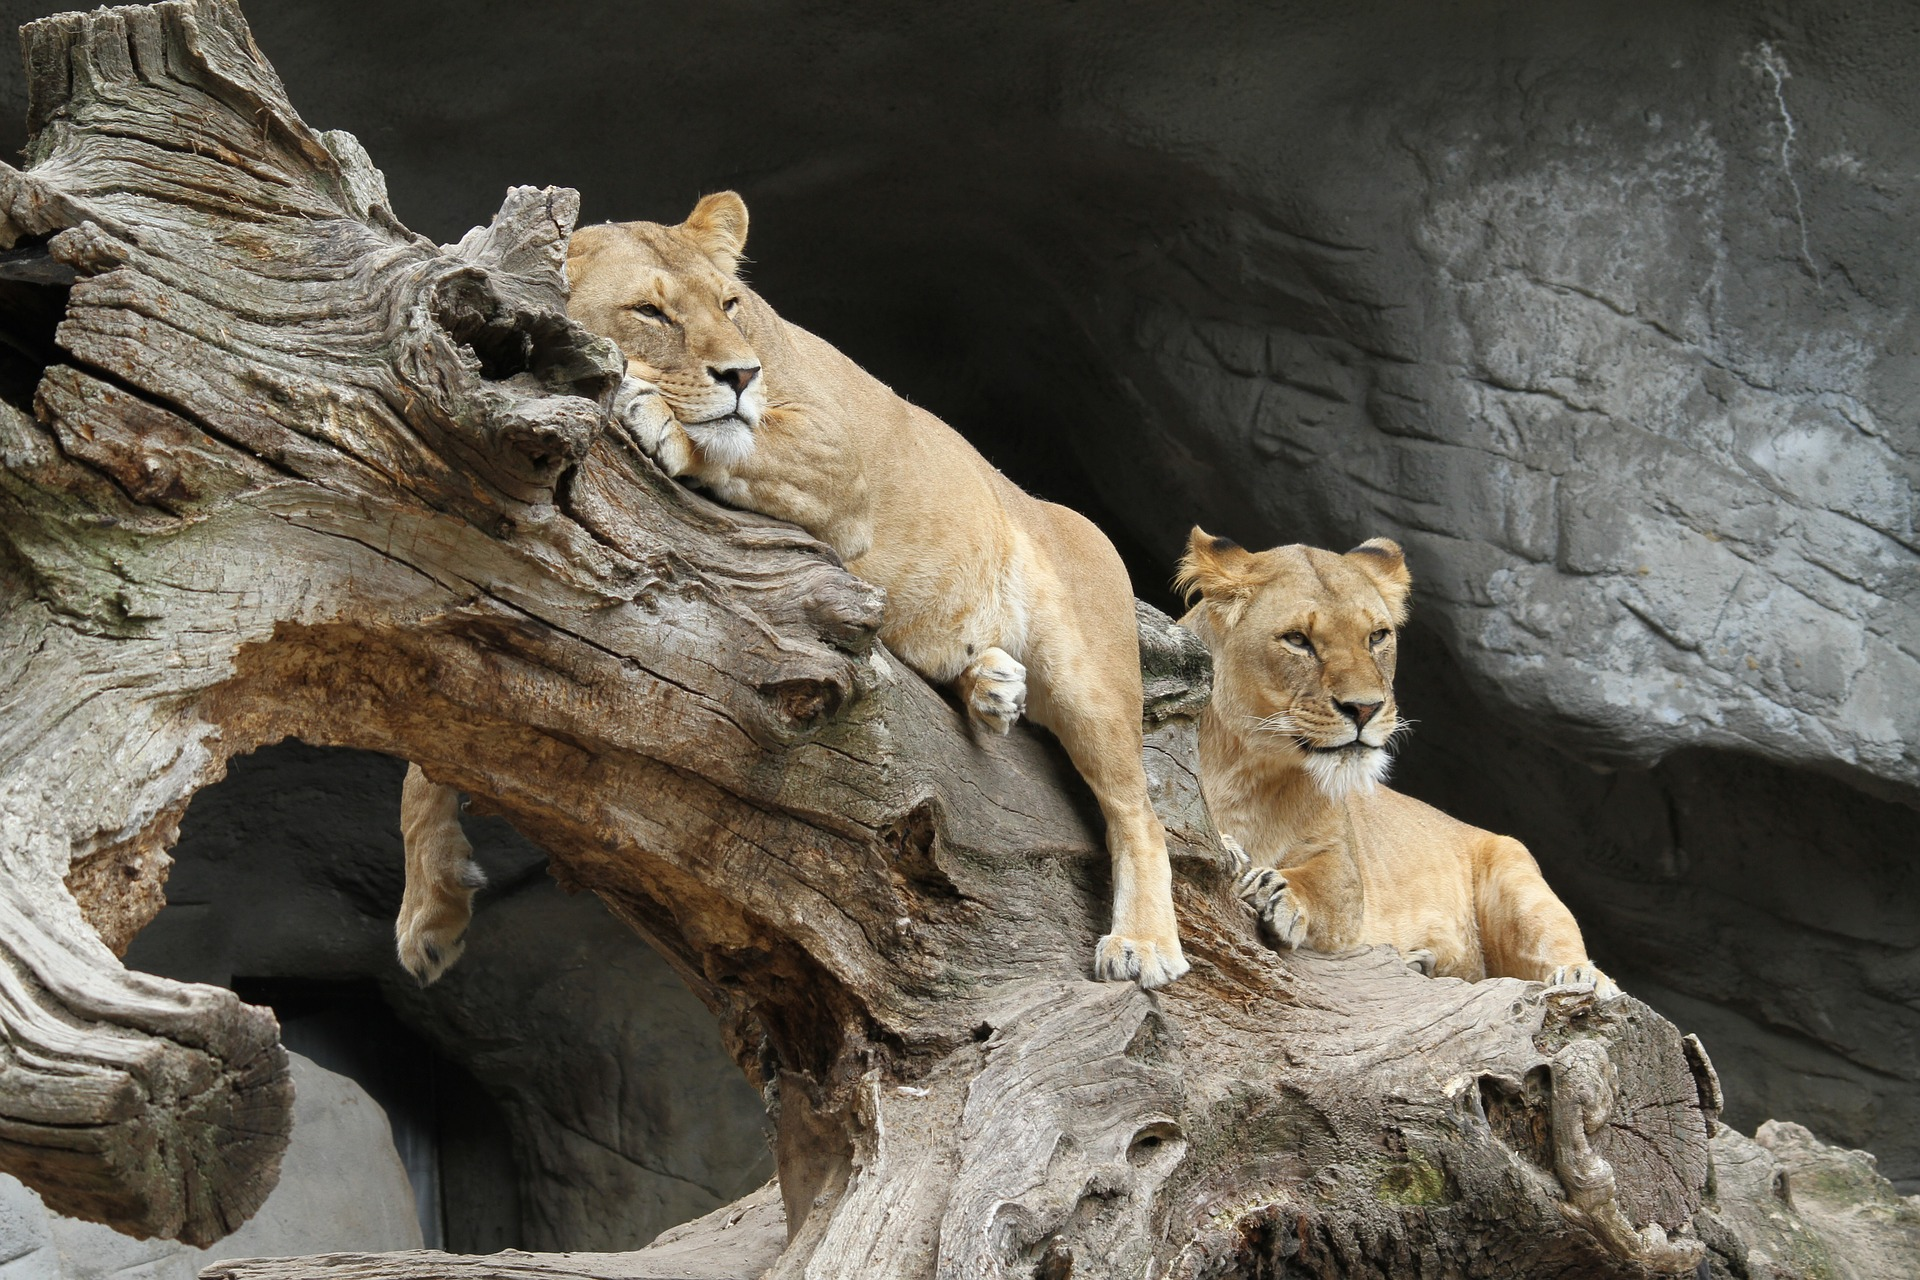 Wilds of Africa | Serengeti National Park, Tanzania